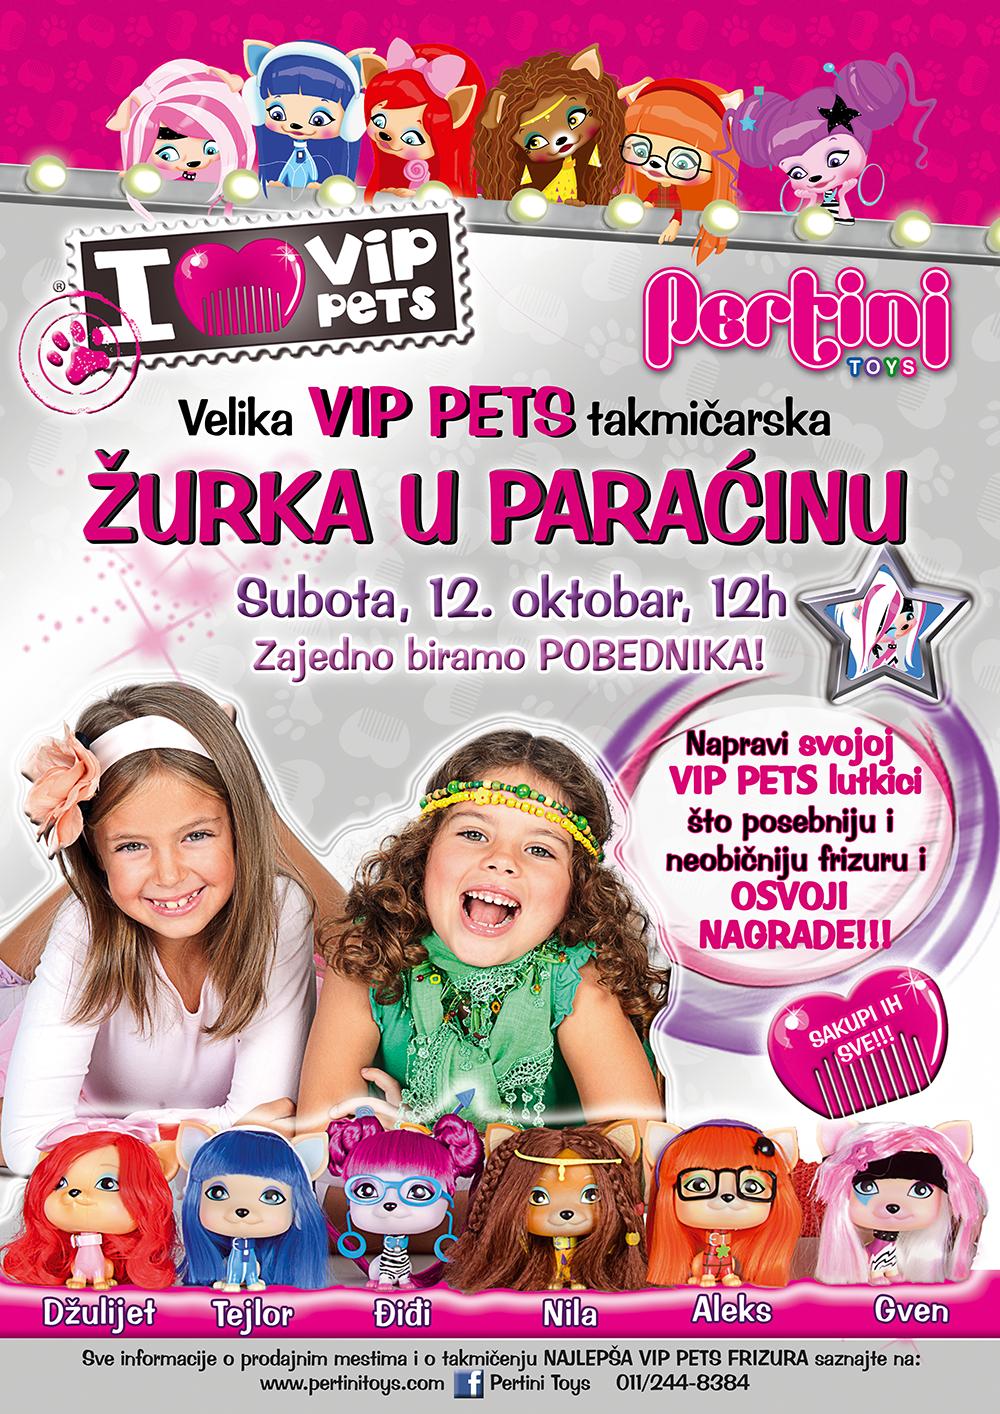 Vip Pets Pertini Toys Paracin